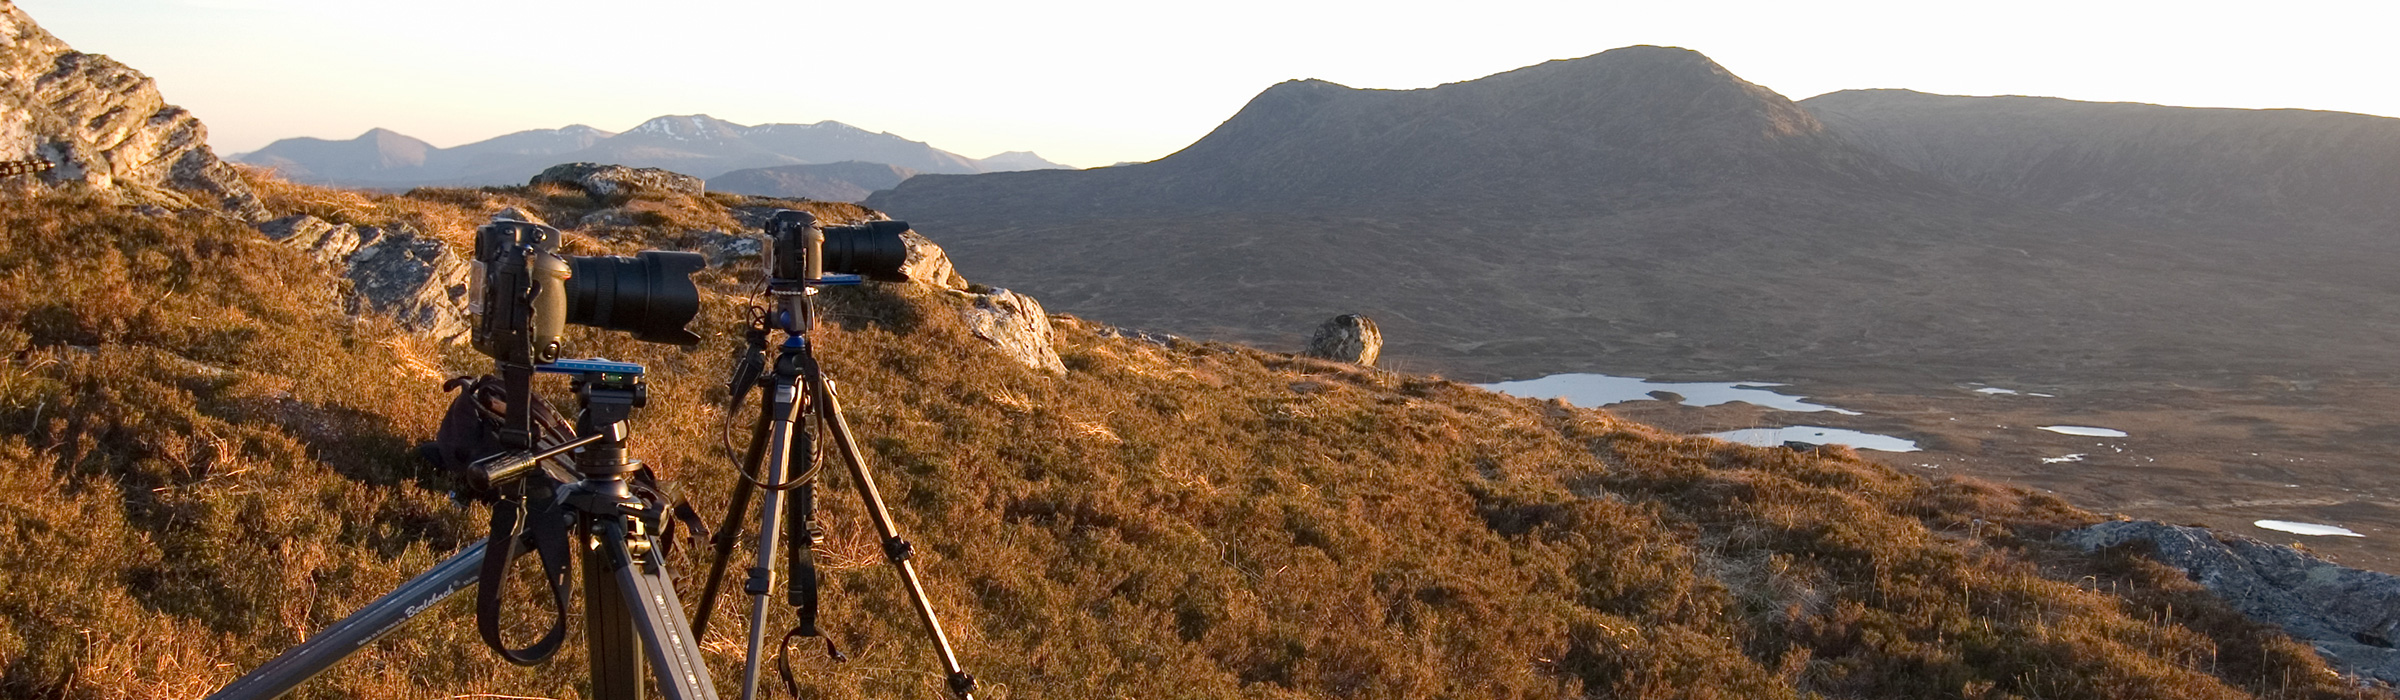 Zeitrafferfotografie in Schottland